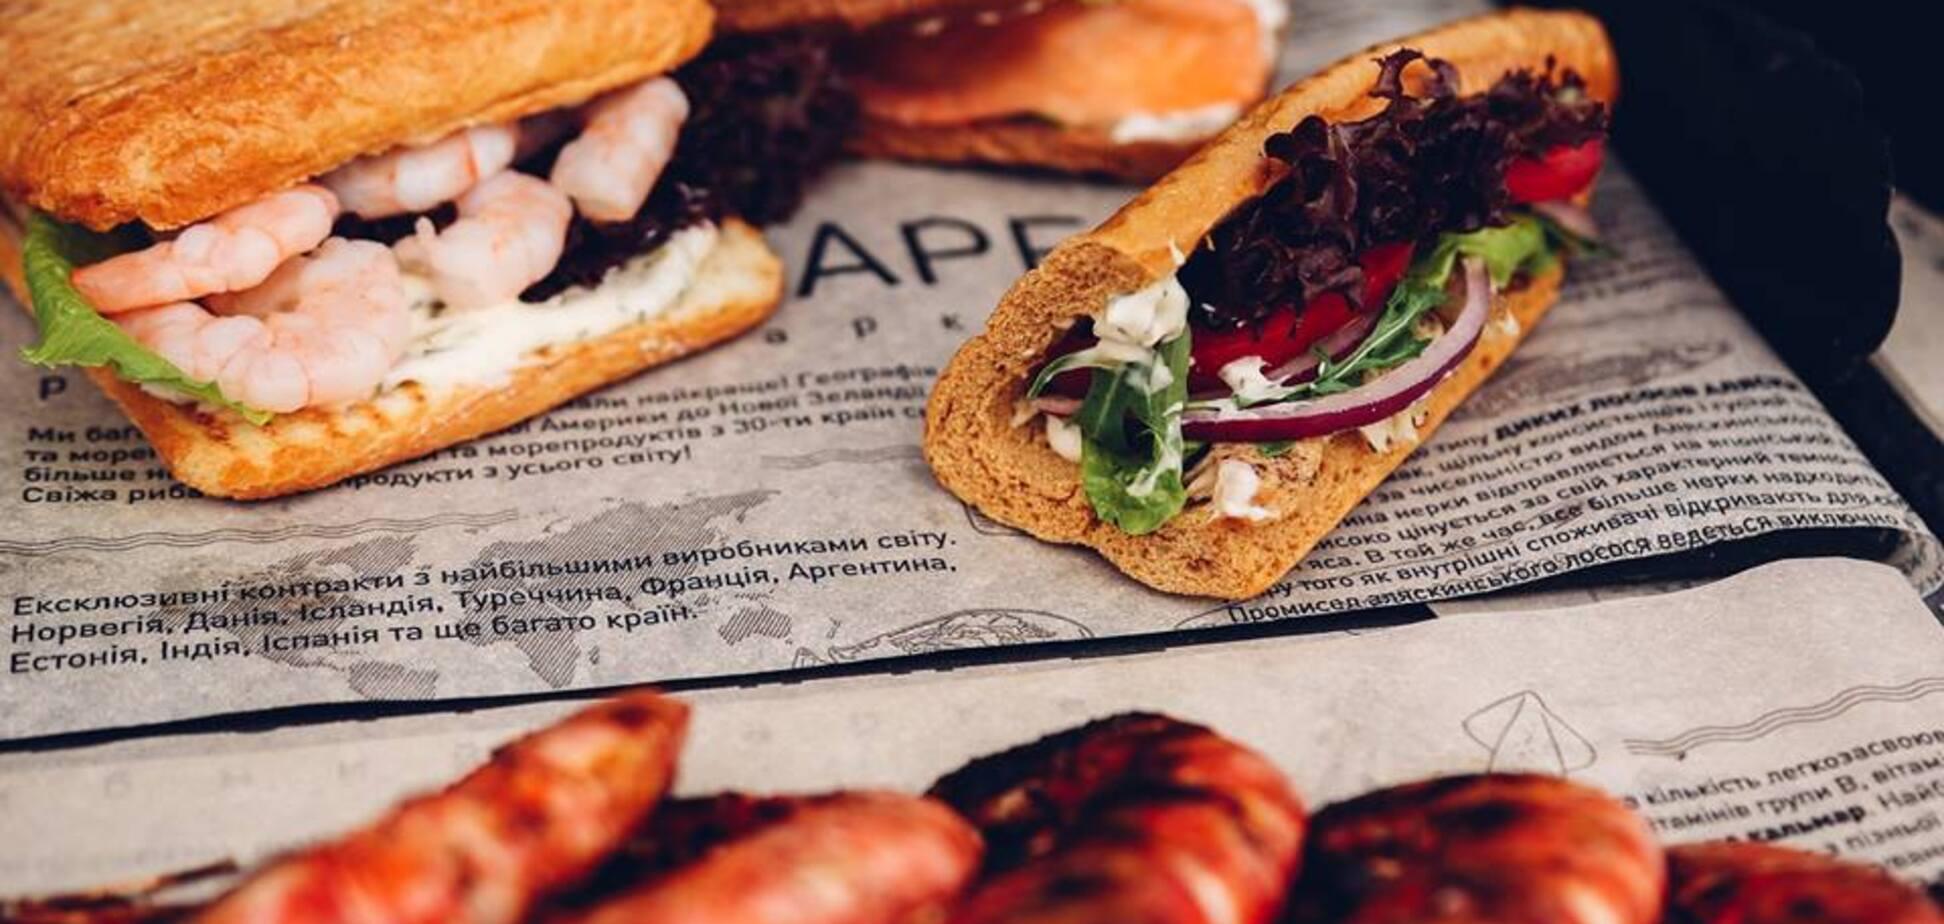 'Місто, яке можна на хліб намазувати!' Блогер розкрив гастросекрети Києва